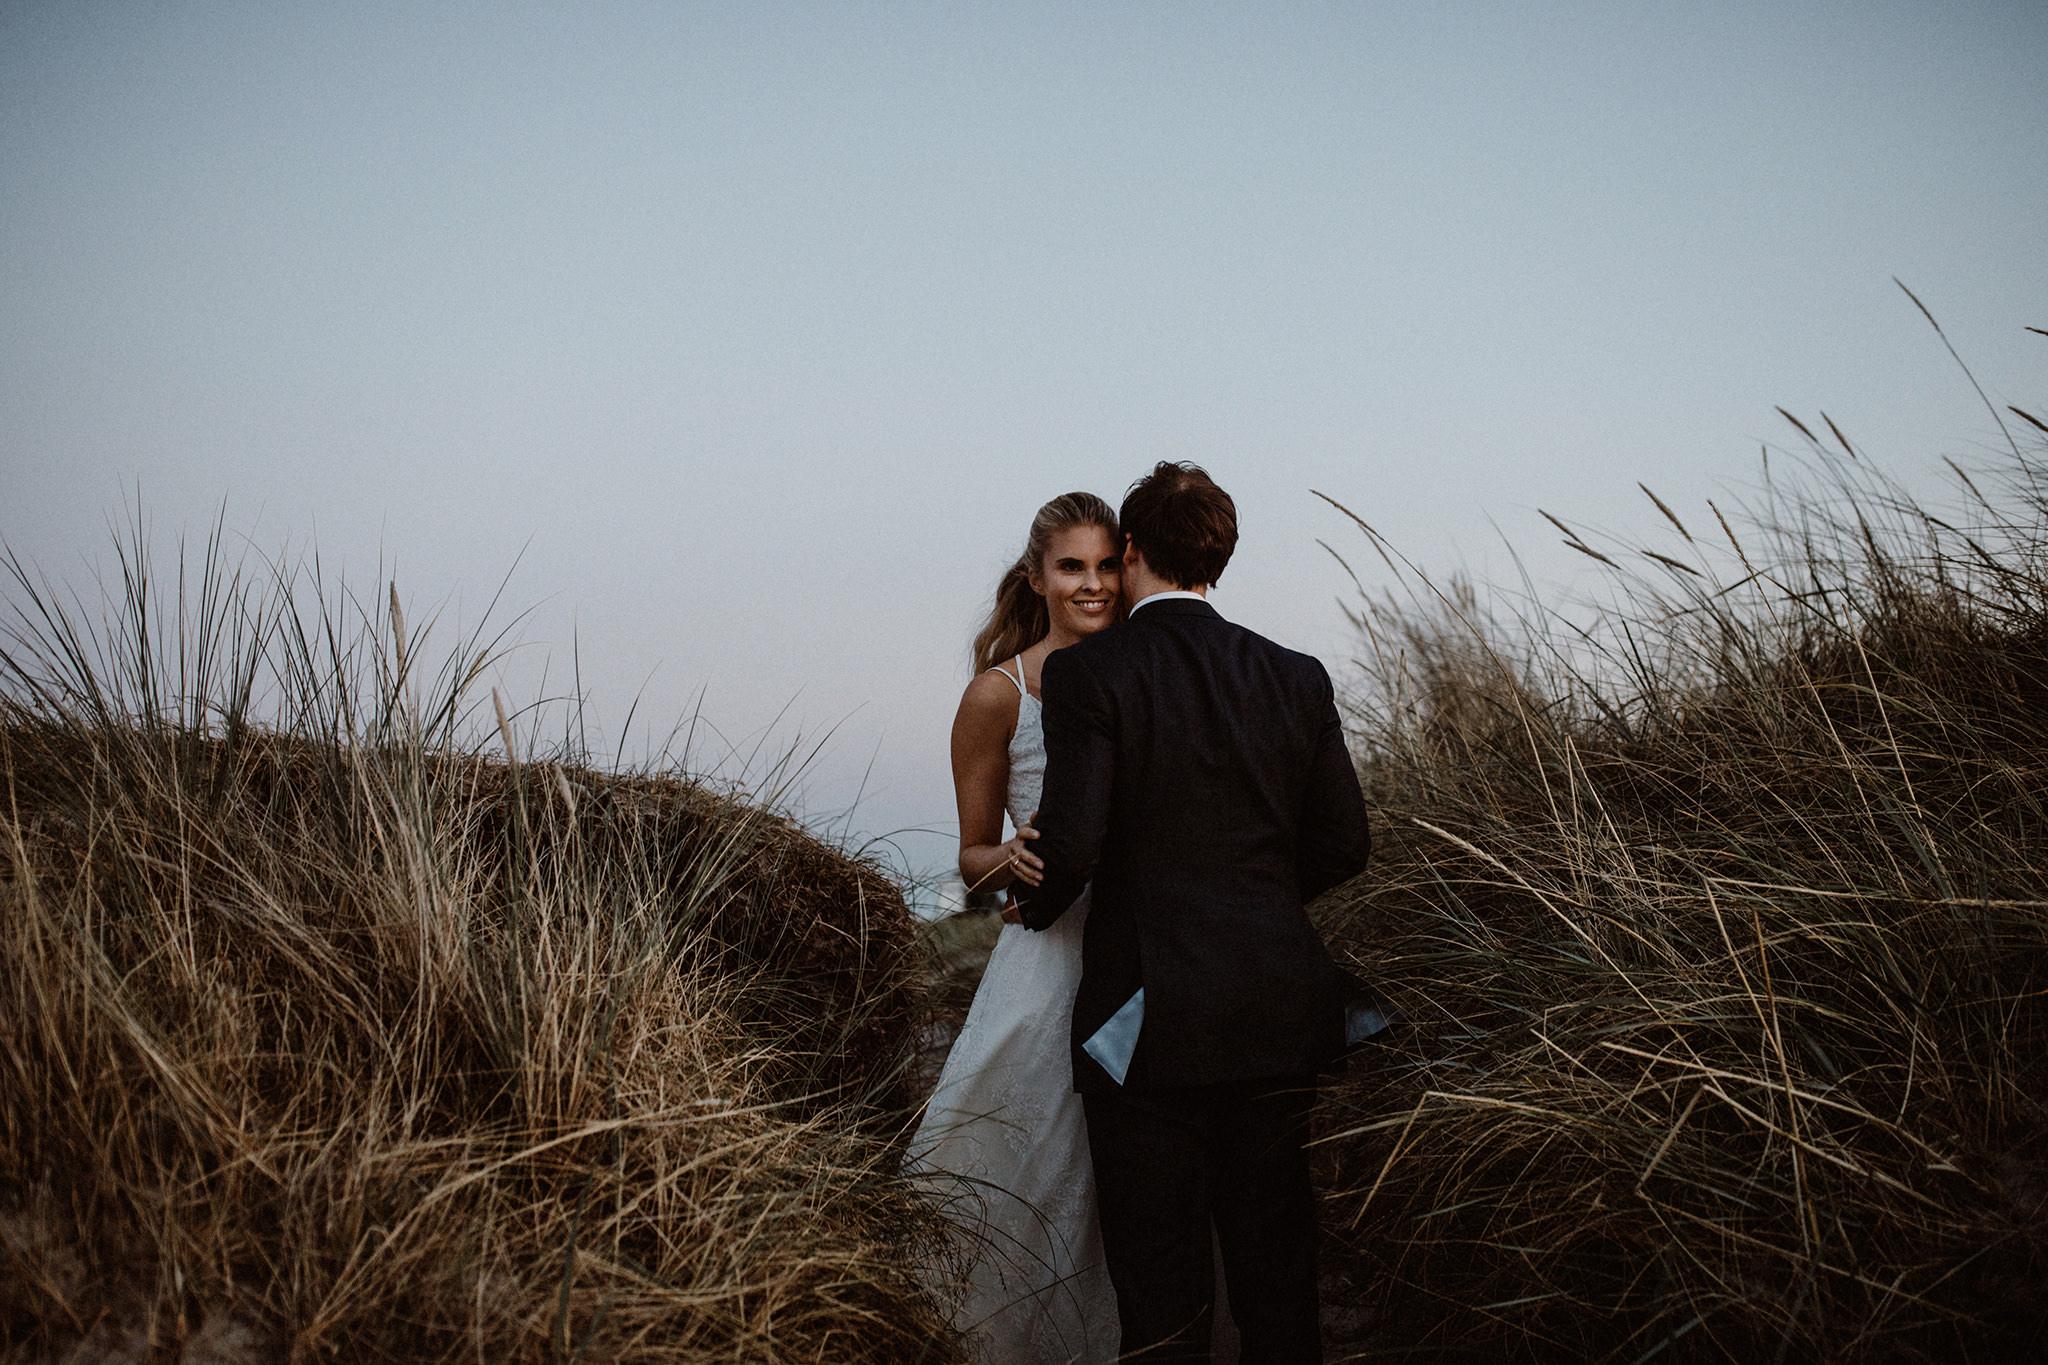 hochzeitsfotografie-kiel-norddeutschland-ostsee-afterwedding-37